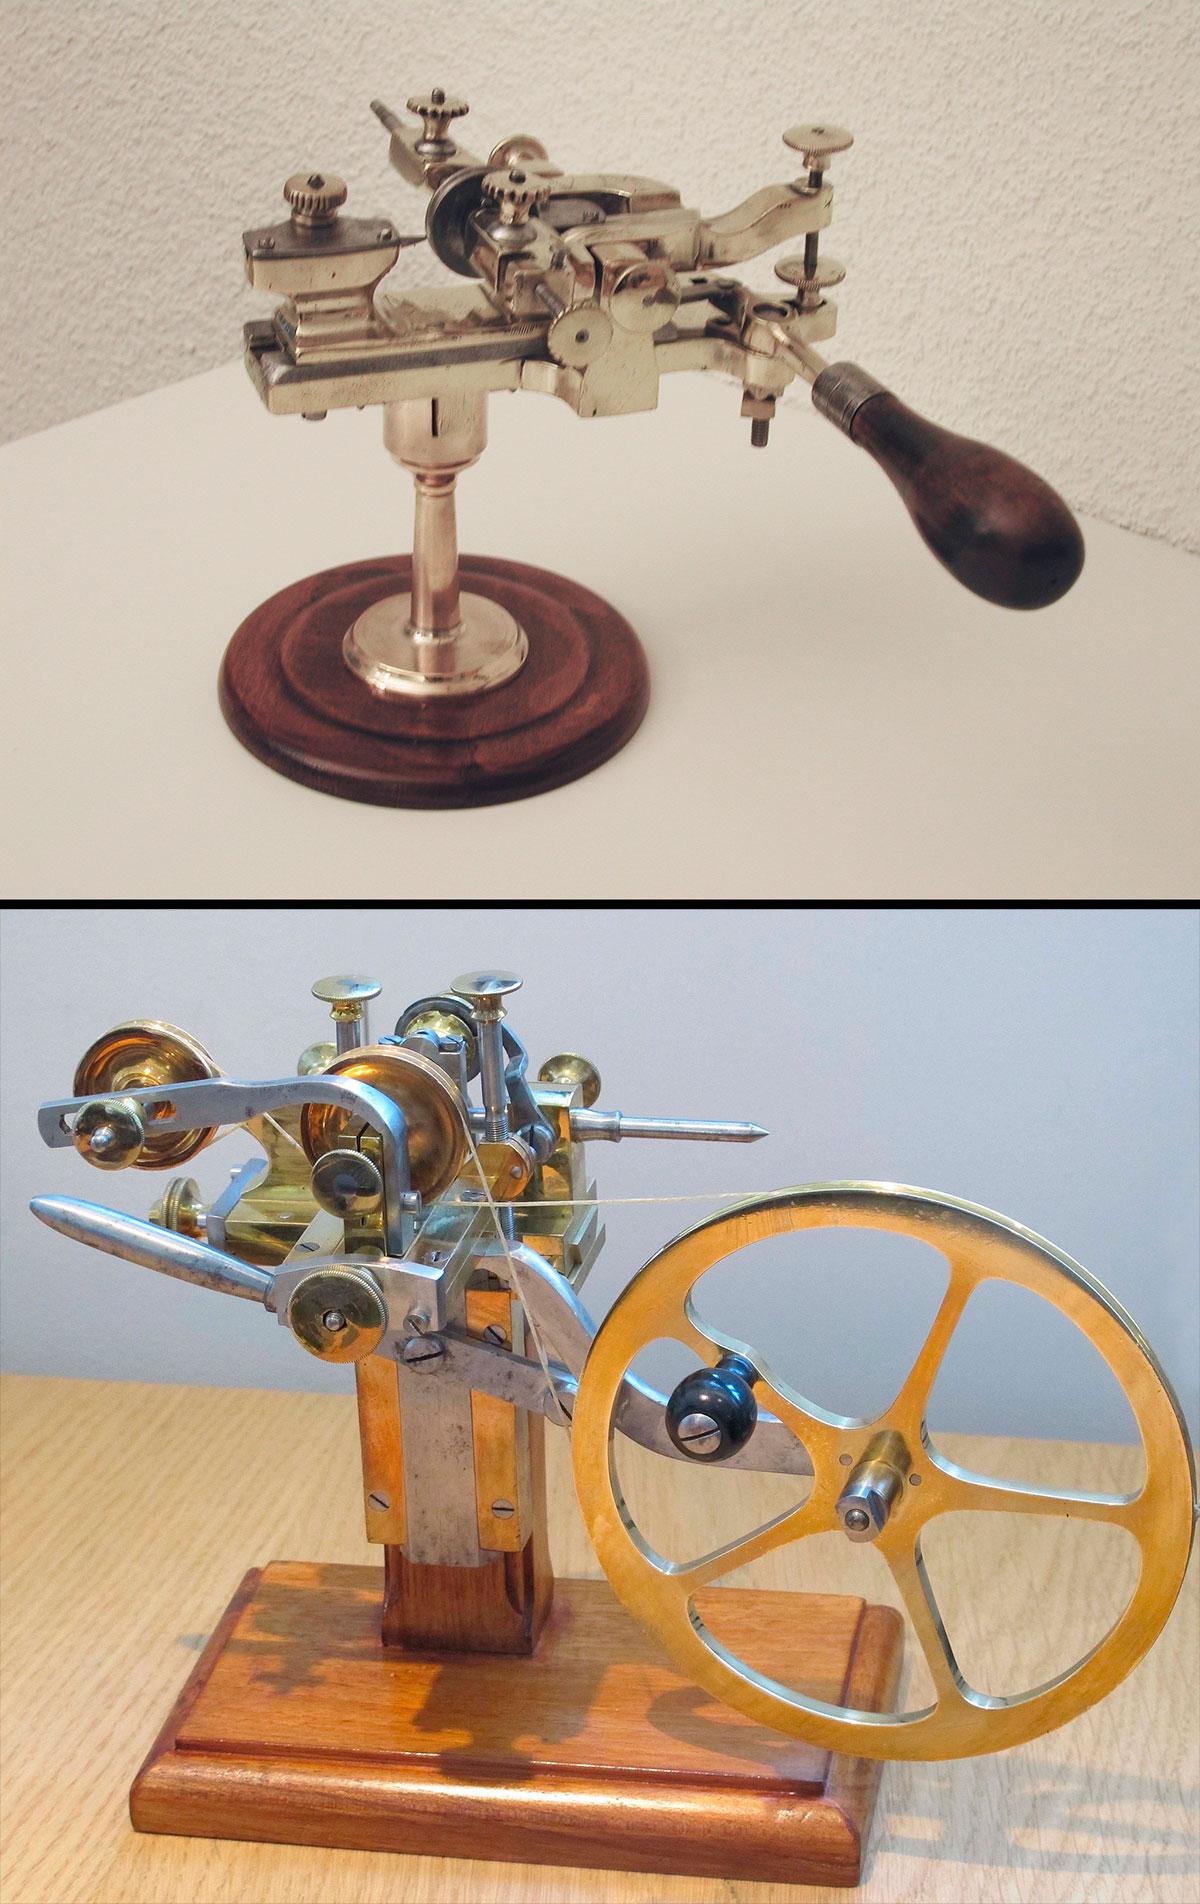 Herramientas de relojería de Vacheron Constantin